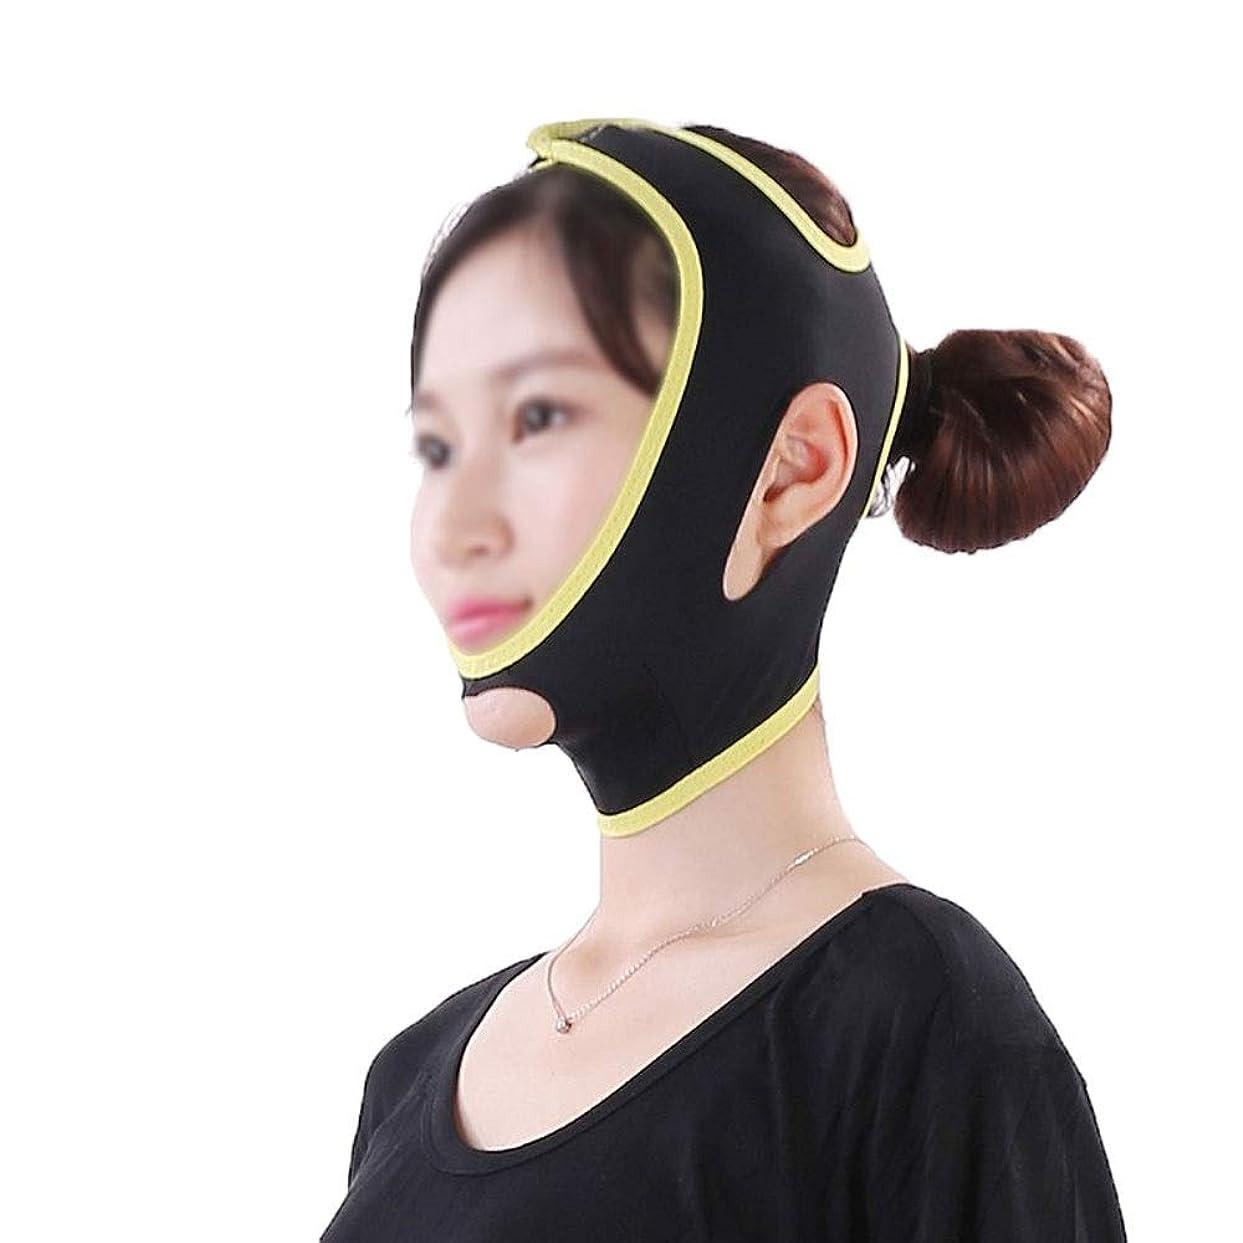 有限証明書ジムフェイス&ネックリフト、フェイスリフトマスク強力なフェイスマスクフェイスリフトアーティファクトフェイスリフティングフェイスリフティングツールフェイスリフティング包帯シンフェイスマスク美容マスク(サイズ:L),M